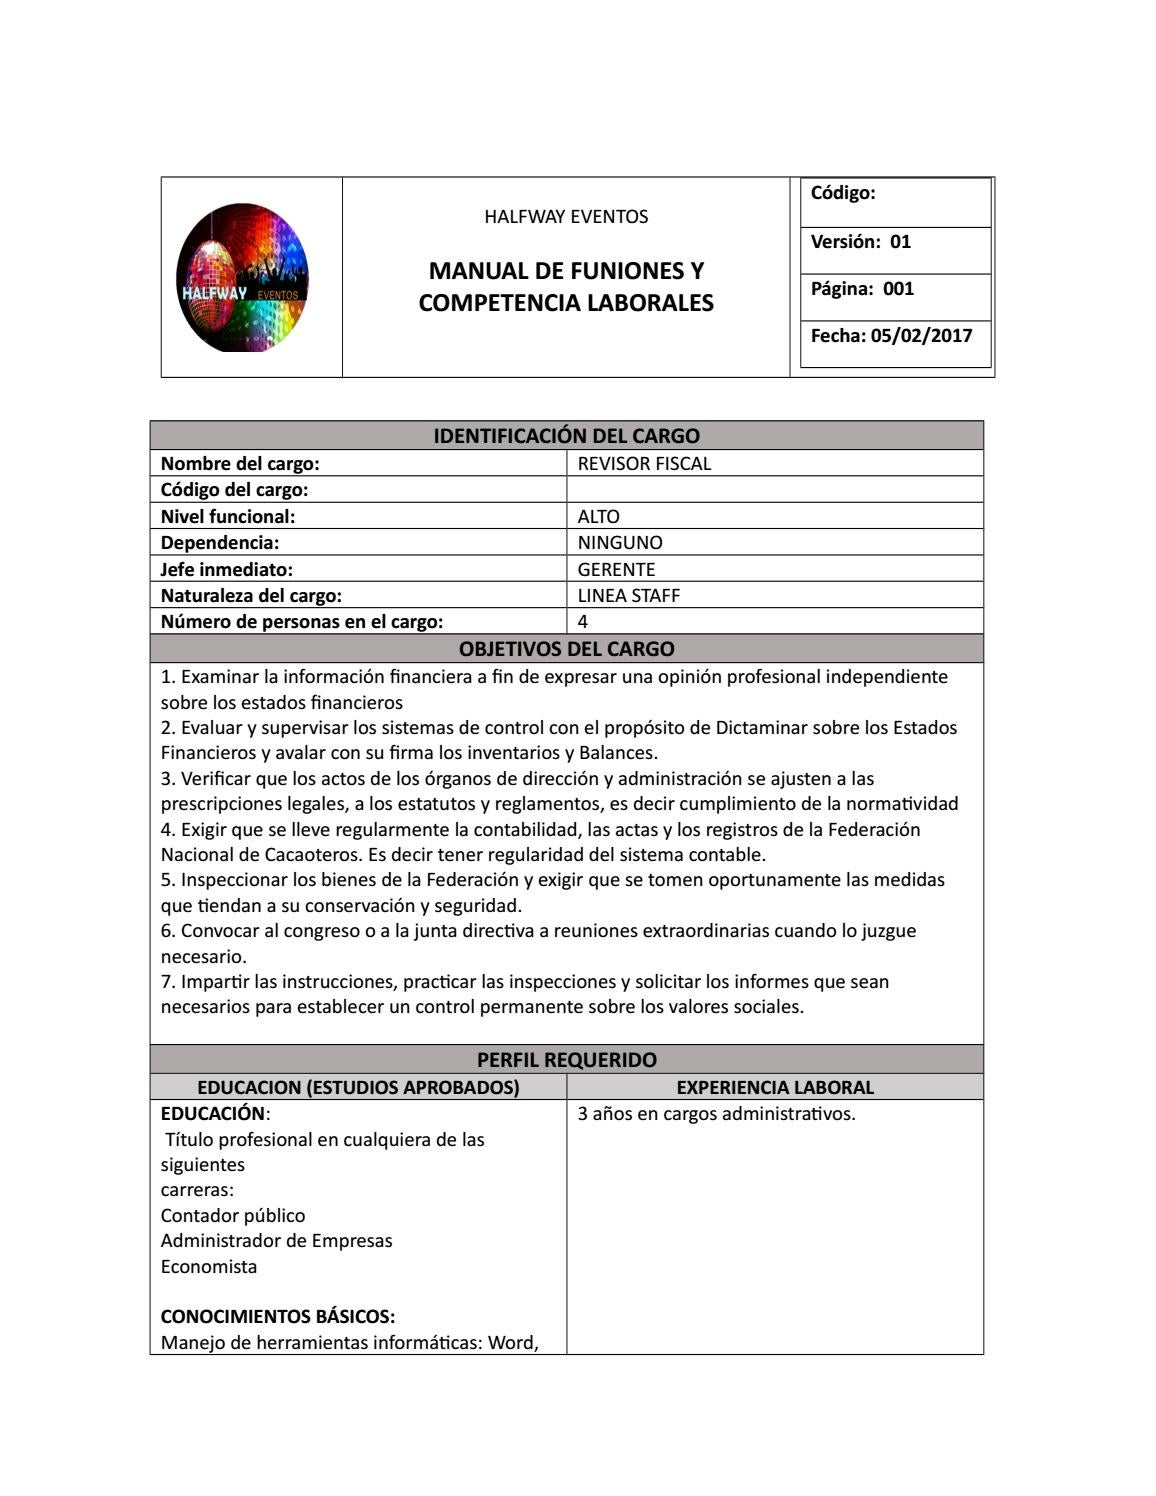 Manual De Funciones Revisor Fiscal By Erika Bonilla Issuu